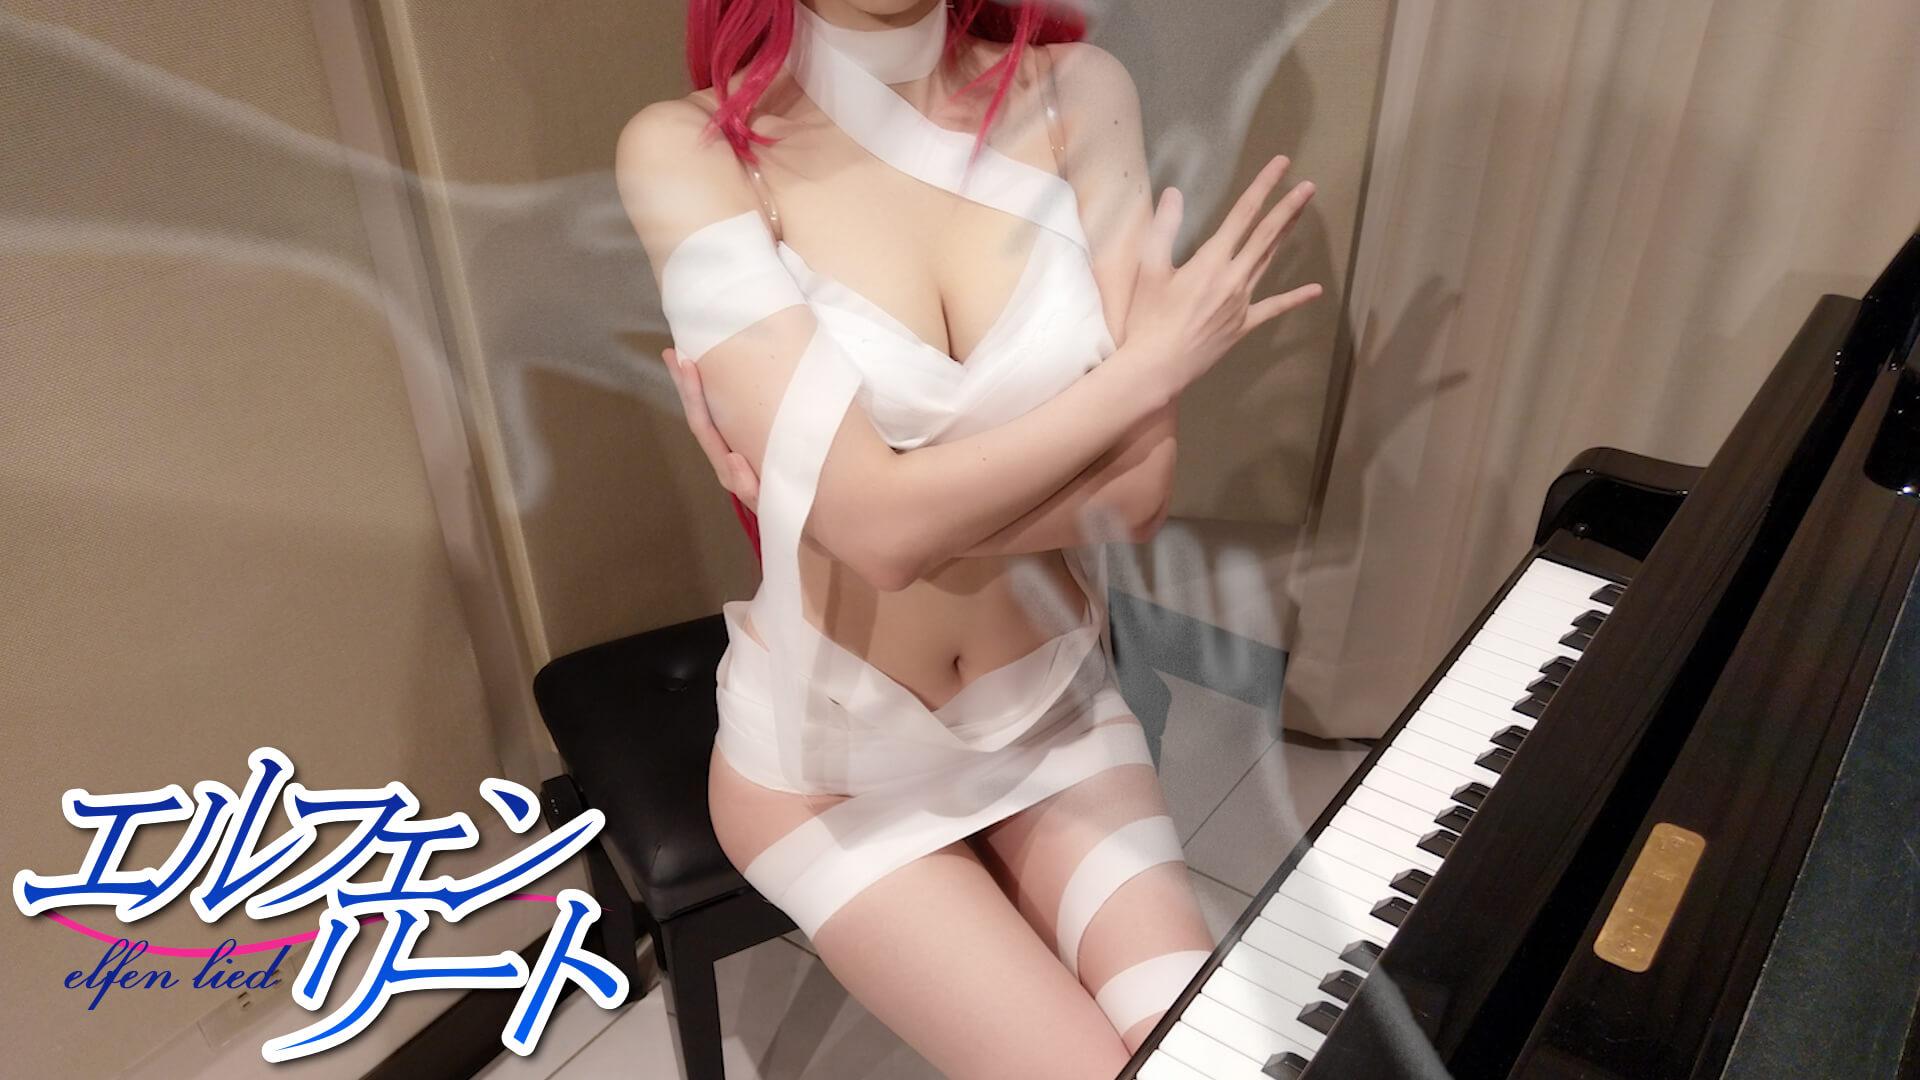 【画像】おっぱいピアノさん、どんどんエッチになる